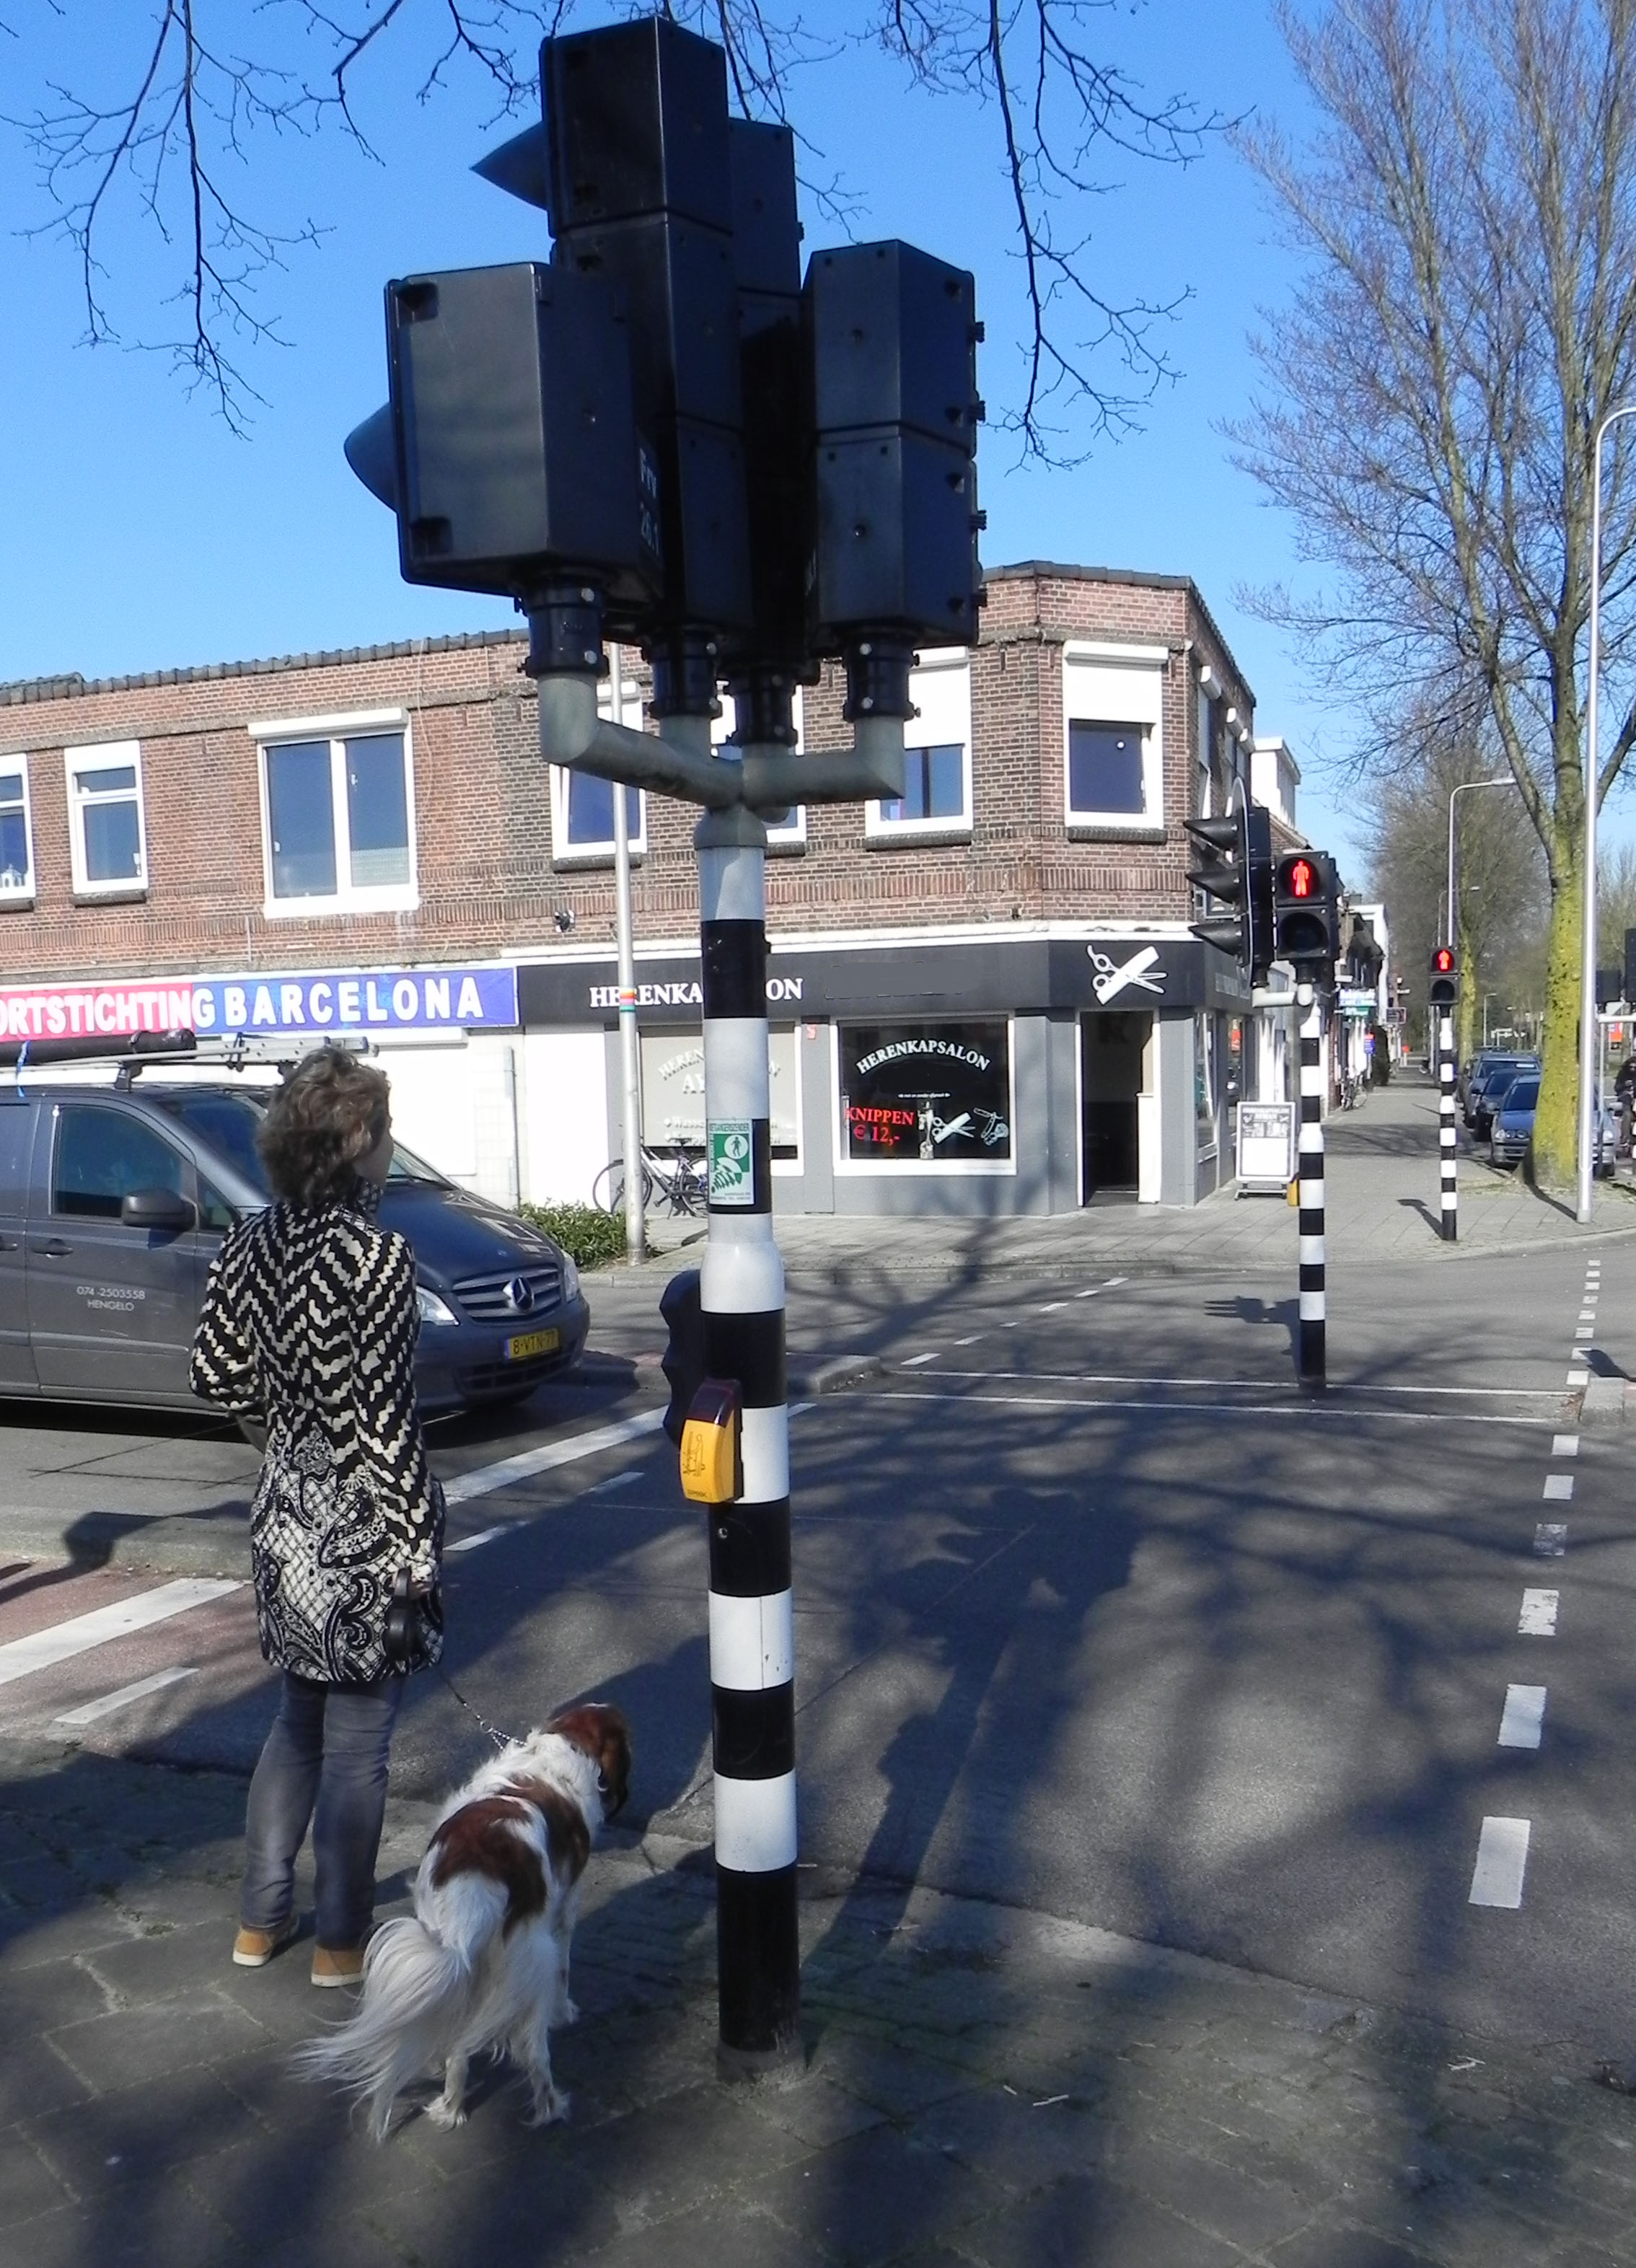 Voetgangerslicht, veilig oversteken als het licht groen is. Online verkeersexamen oefenen.